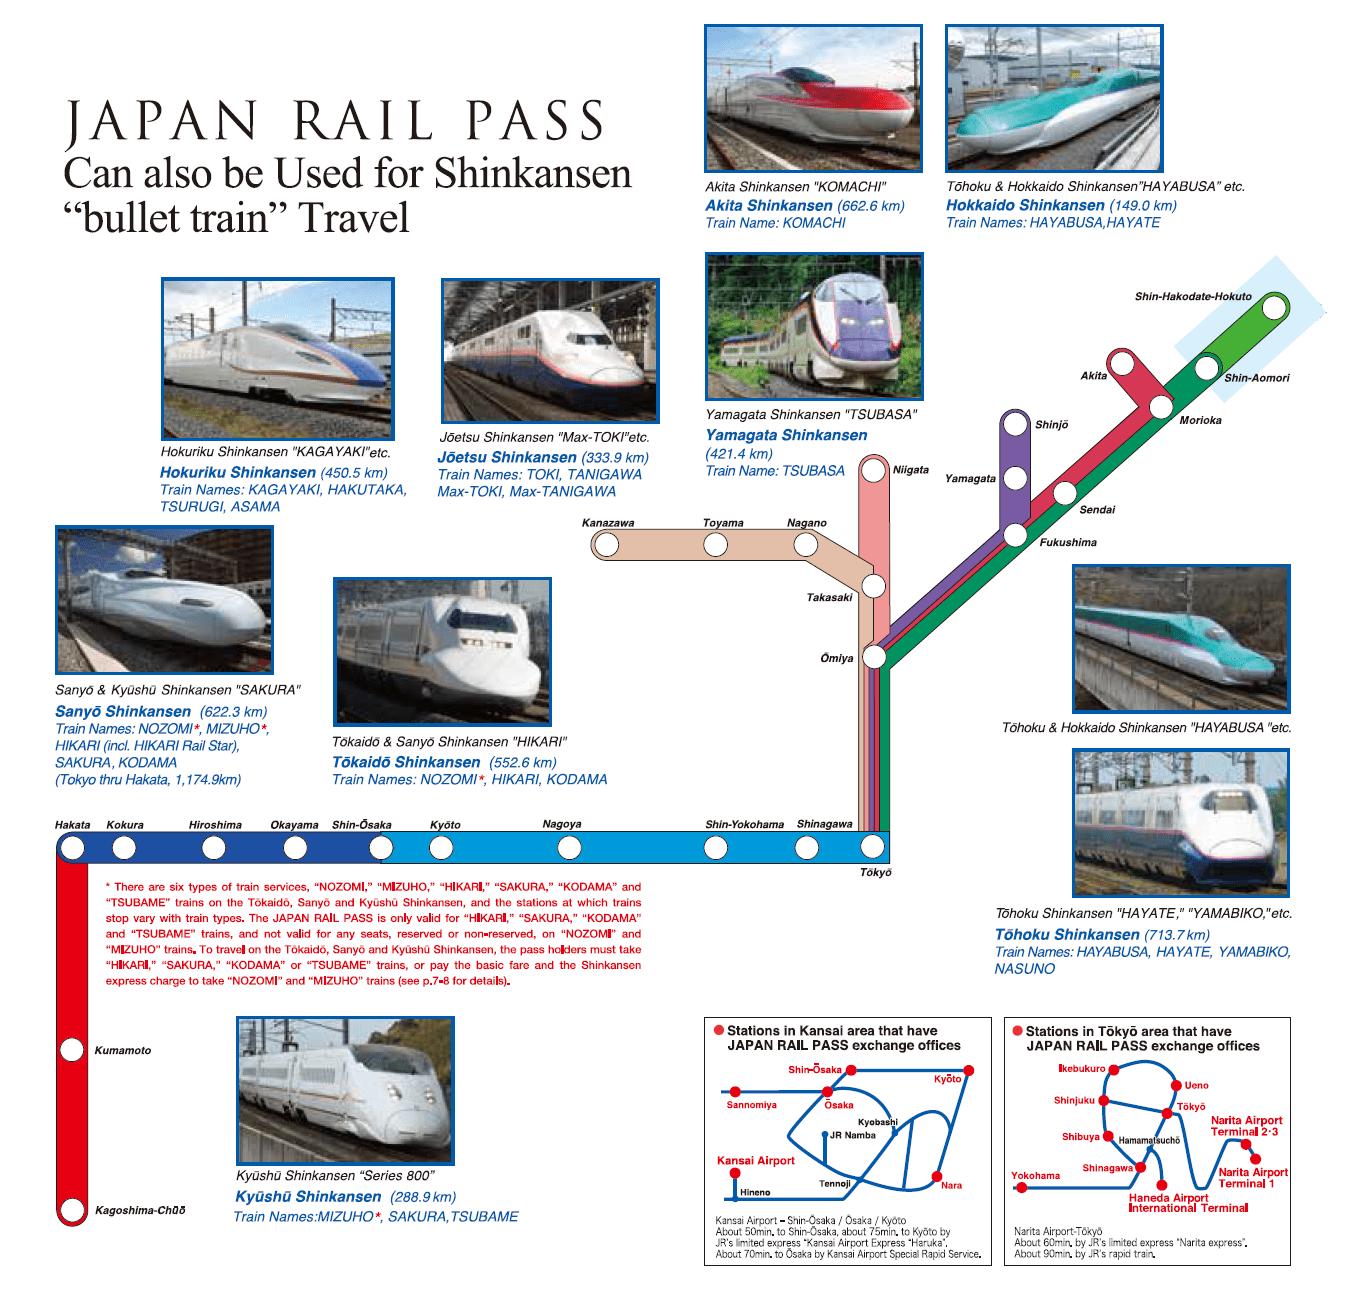 jr-pass-bullet-train-route-map